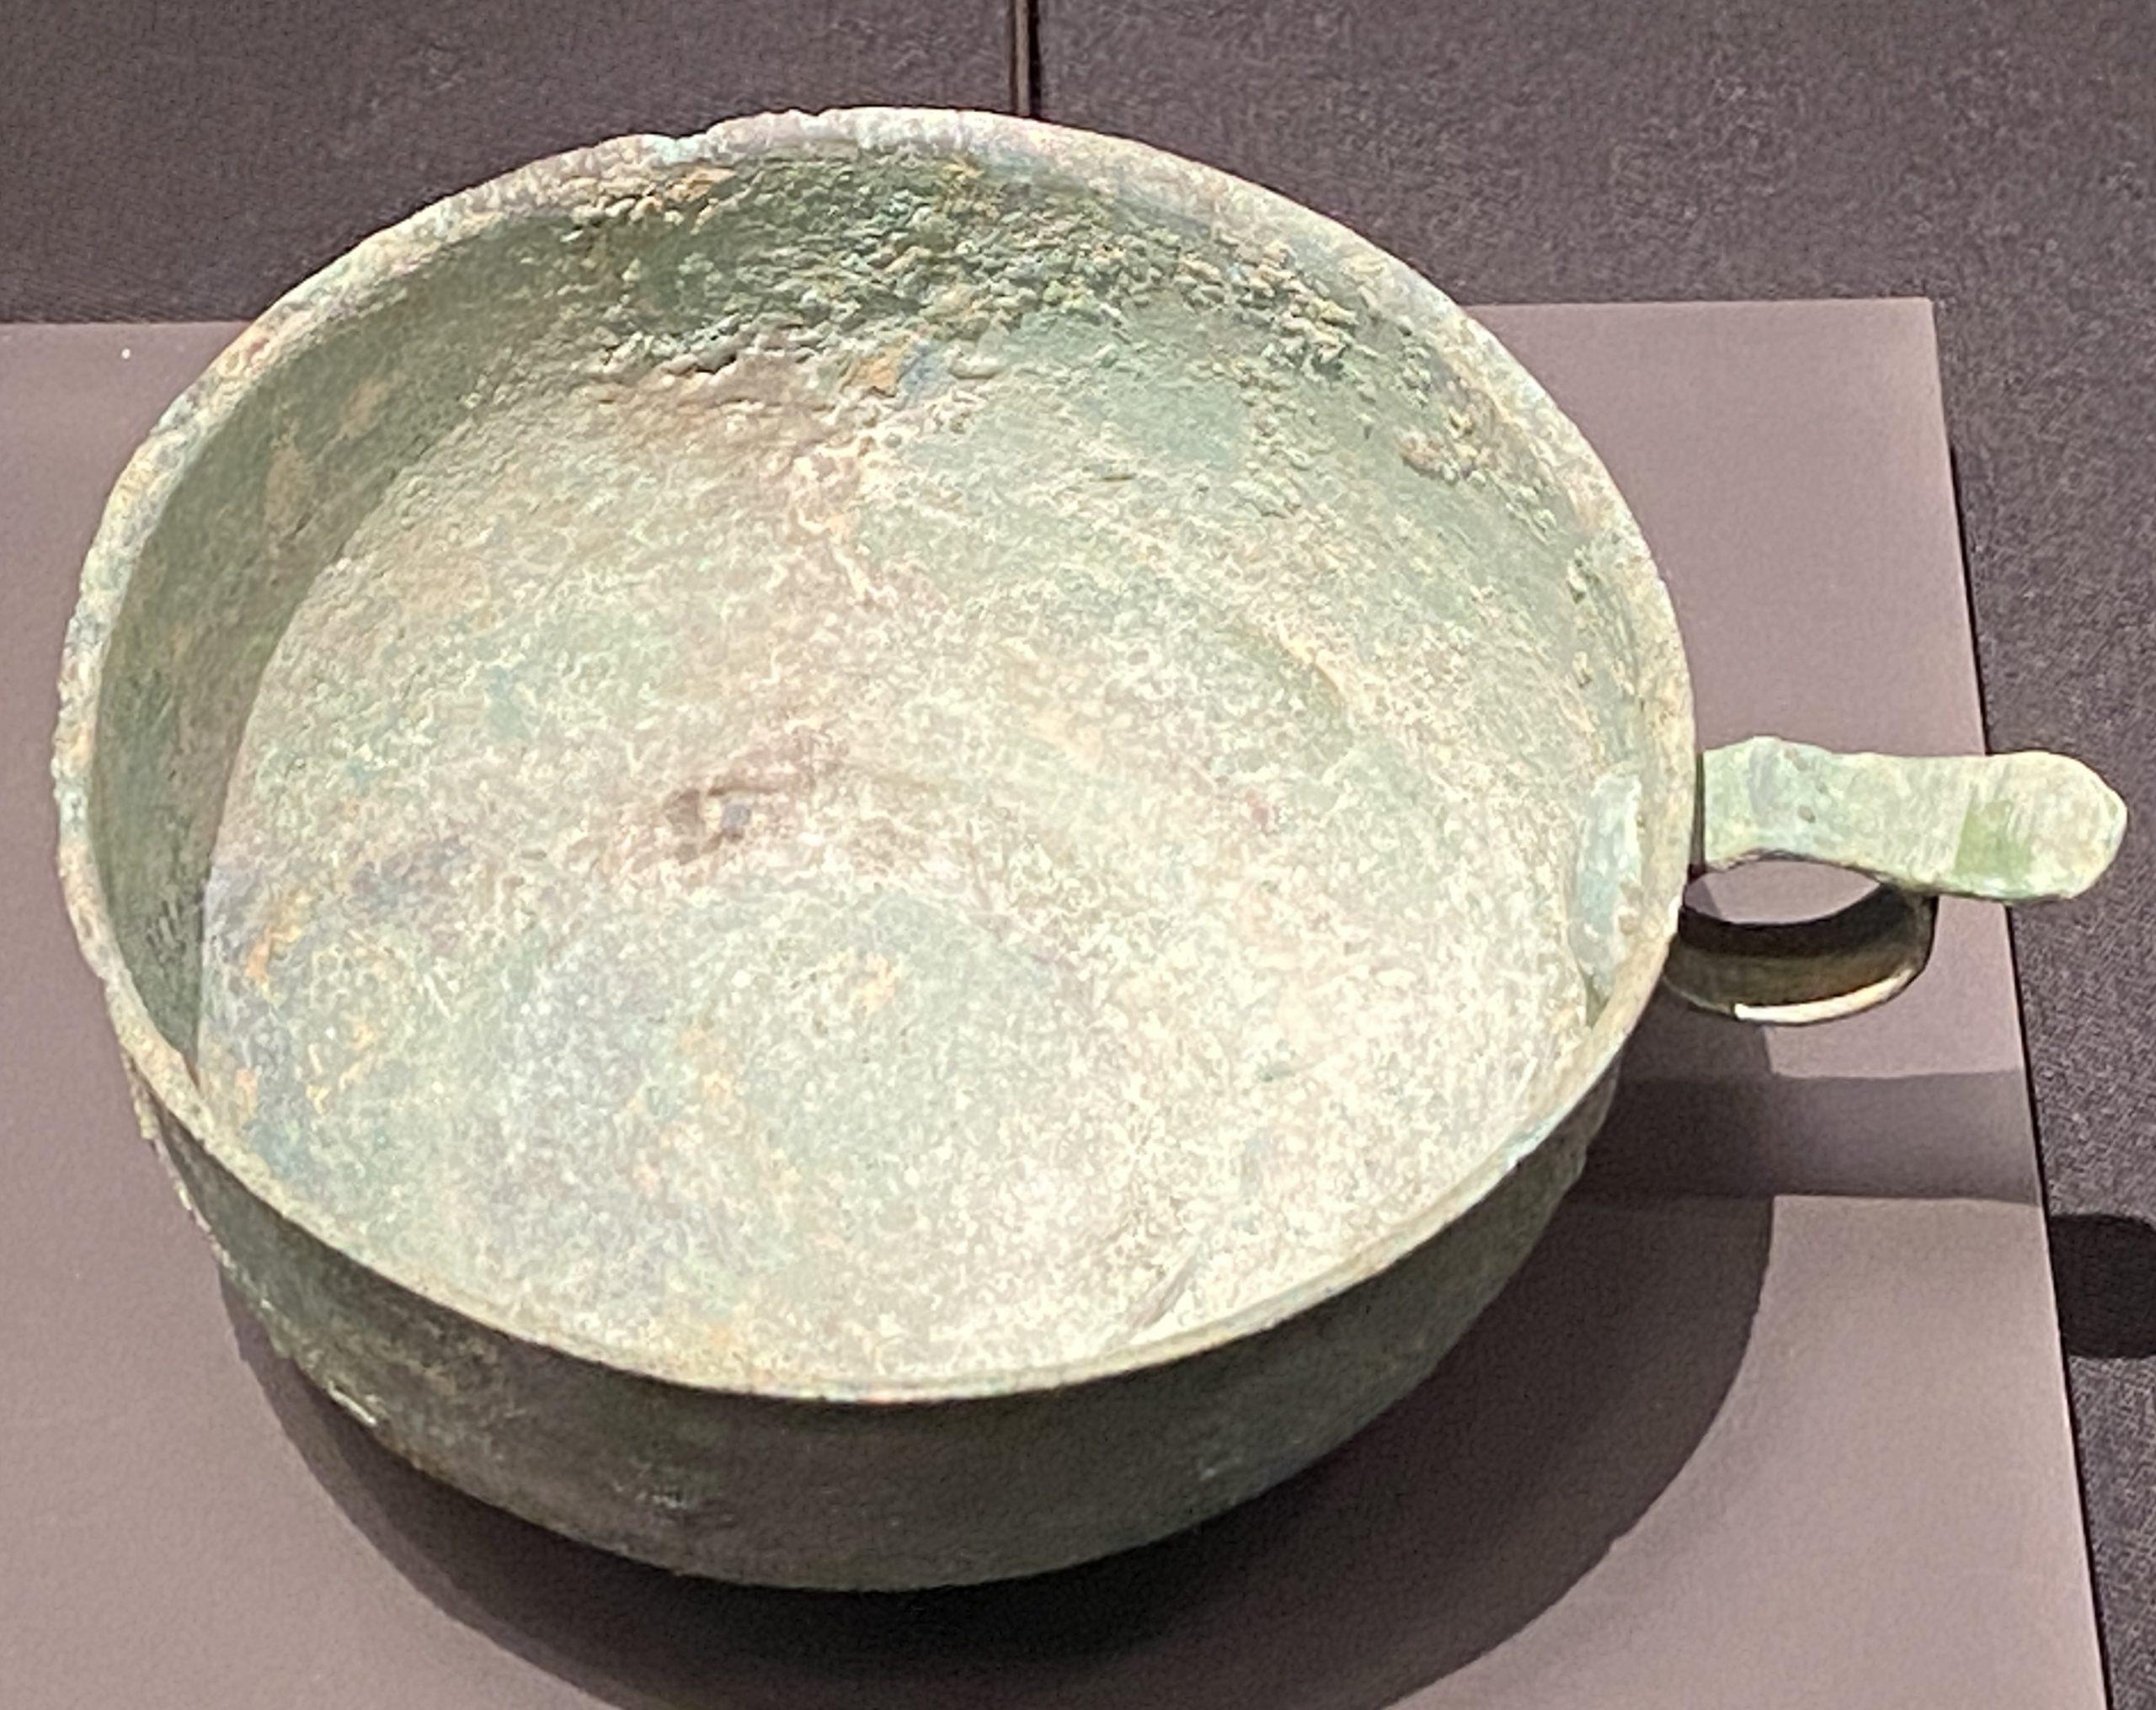 銅片耳杯-【列備五都-秦漢時代の中国都市】-成都博物館-四川成都